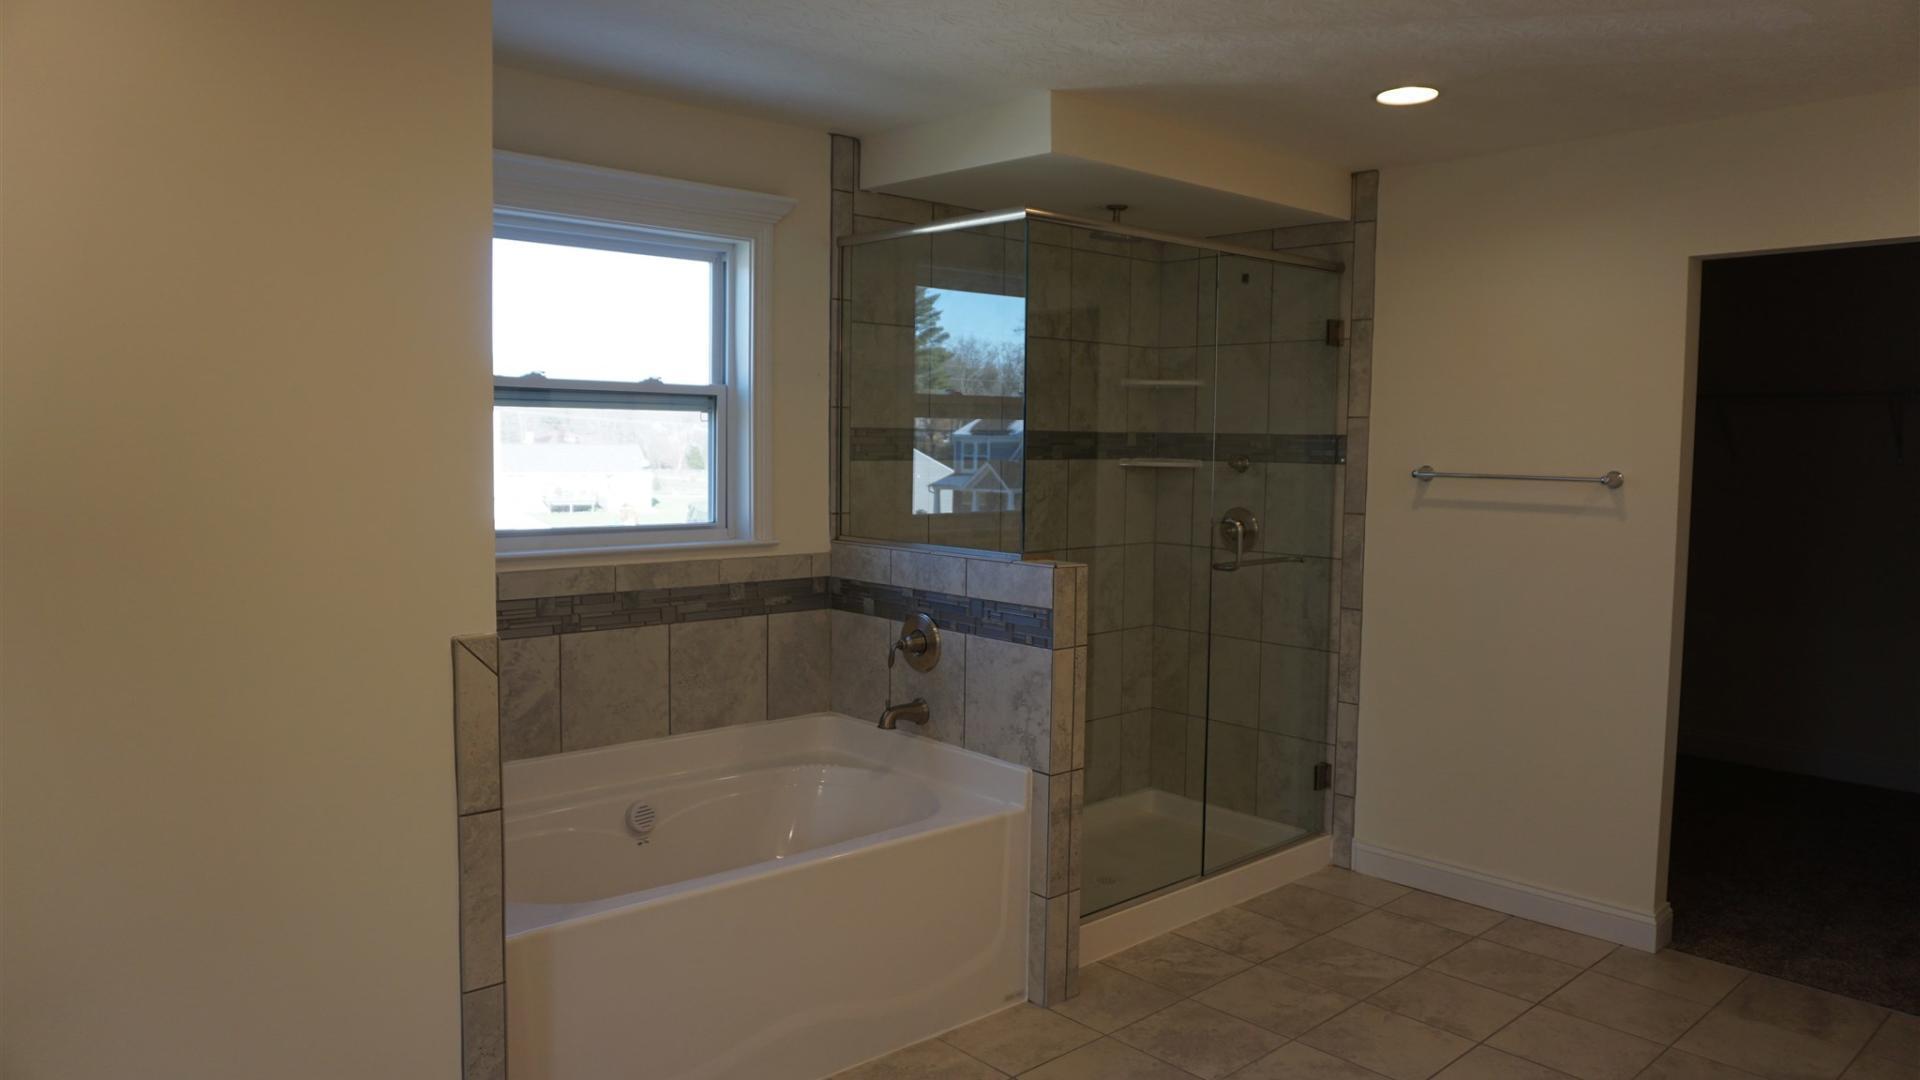 Bathroom featured in the Truman By Maronda Homes in Cincinnati, KY